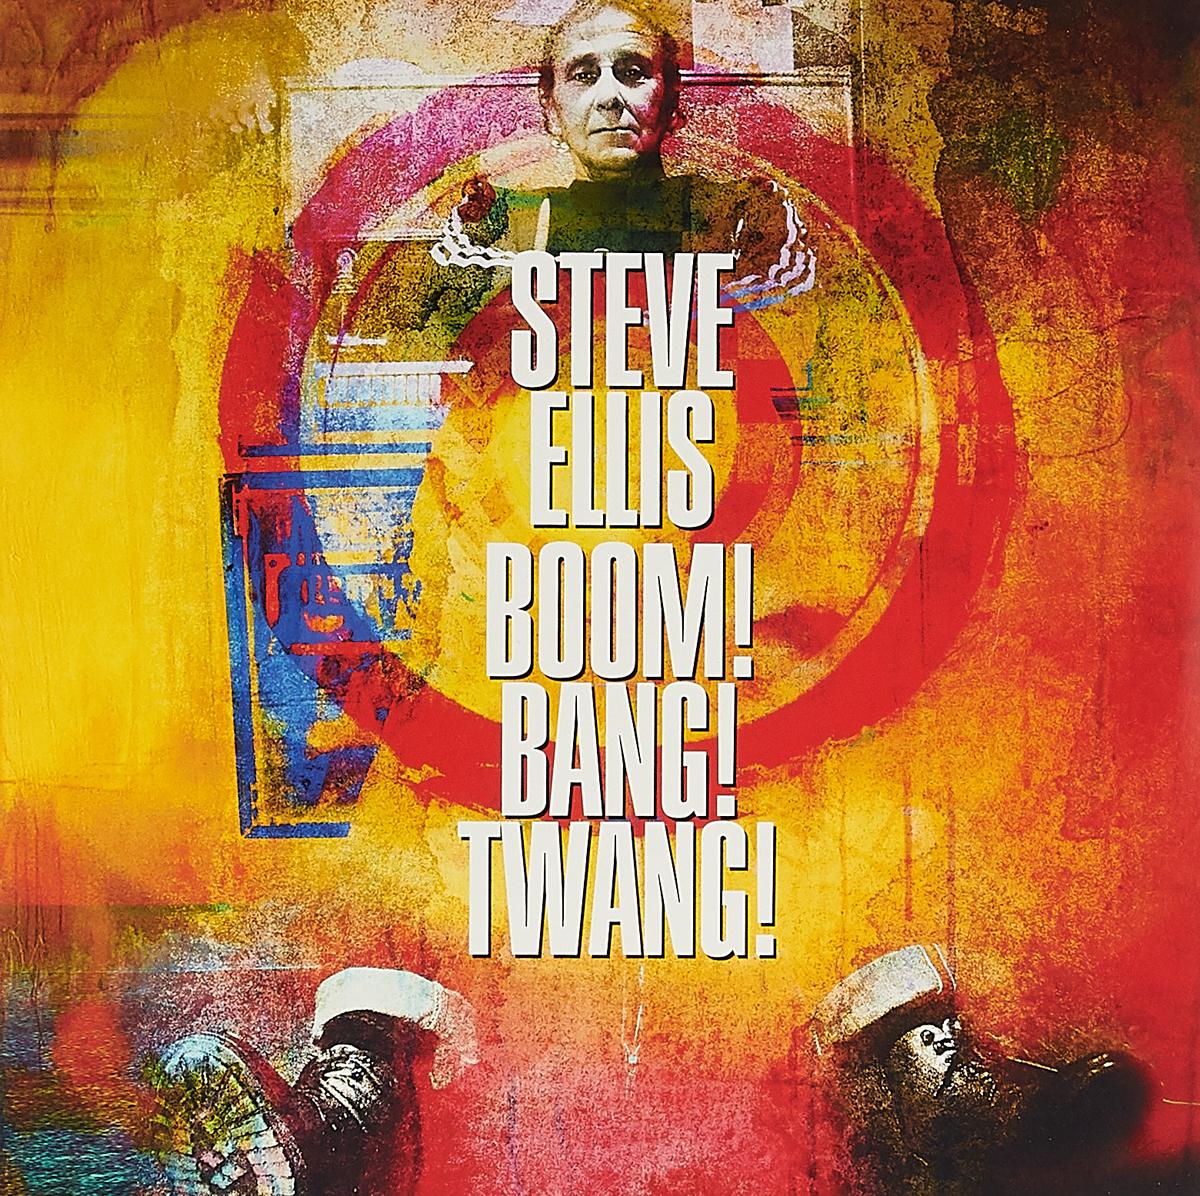 Steve Ellis Steve Ellis. Boom! Bang! Twang! (LP) сувенир steve roach quiet music